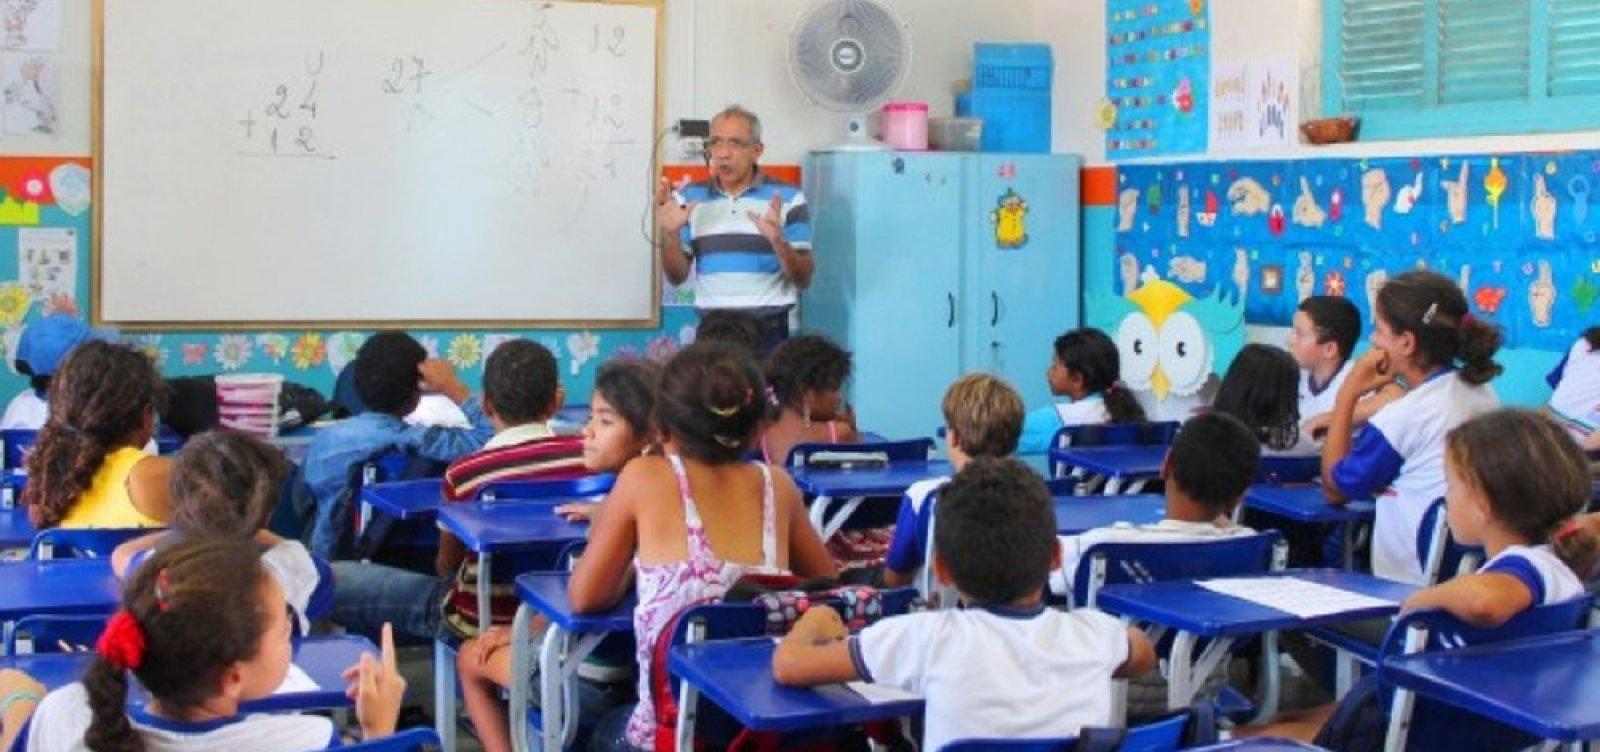 [Matrículas de novos alunos da rede municipal de ensino começam na segunda-feira]